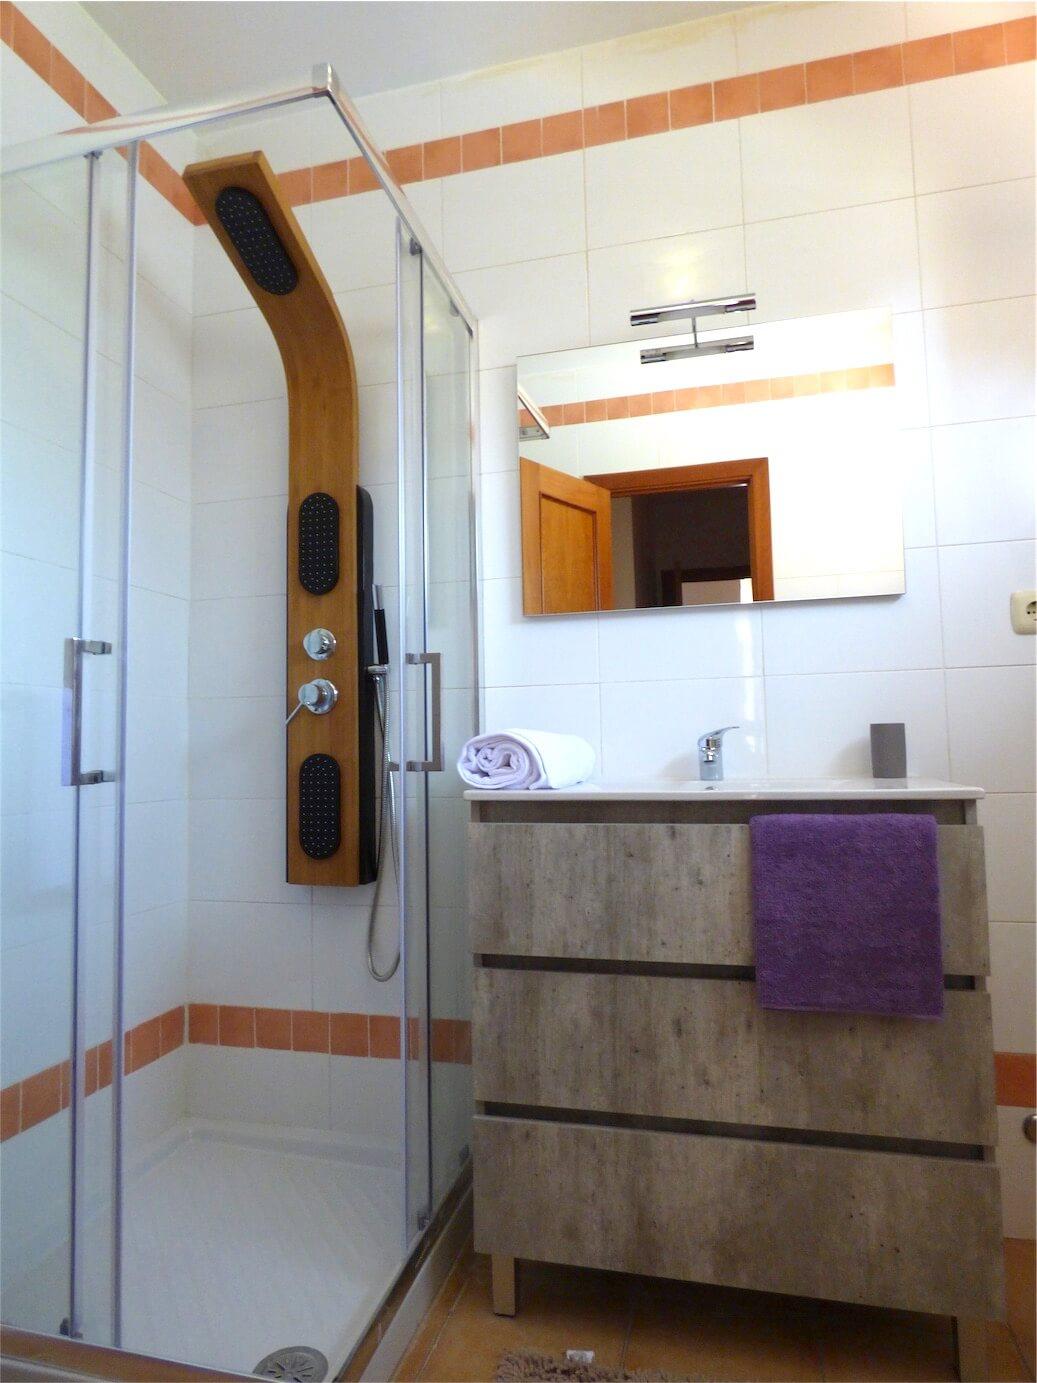 Venta Villa Reformada En Tamaragua Corralejo Fuerteventura  # Muebles Reformados